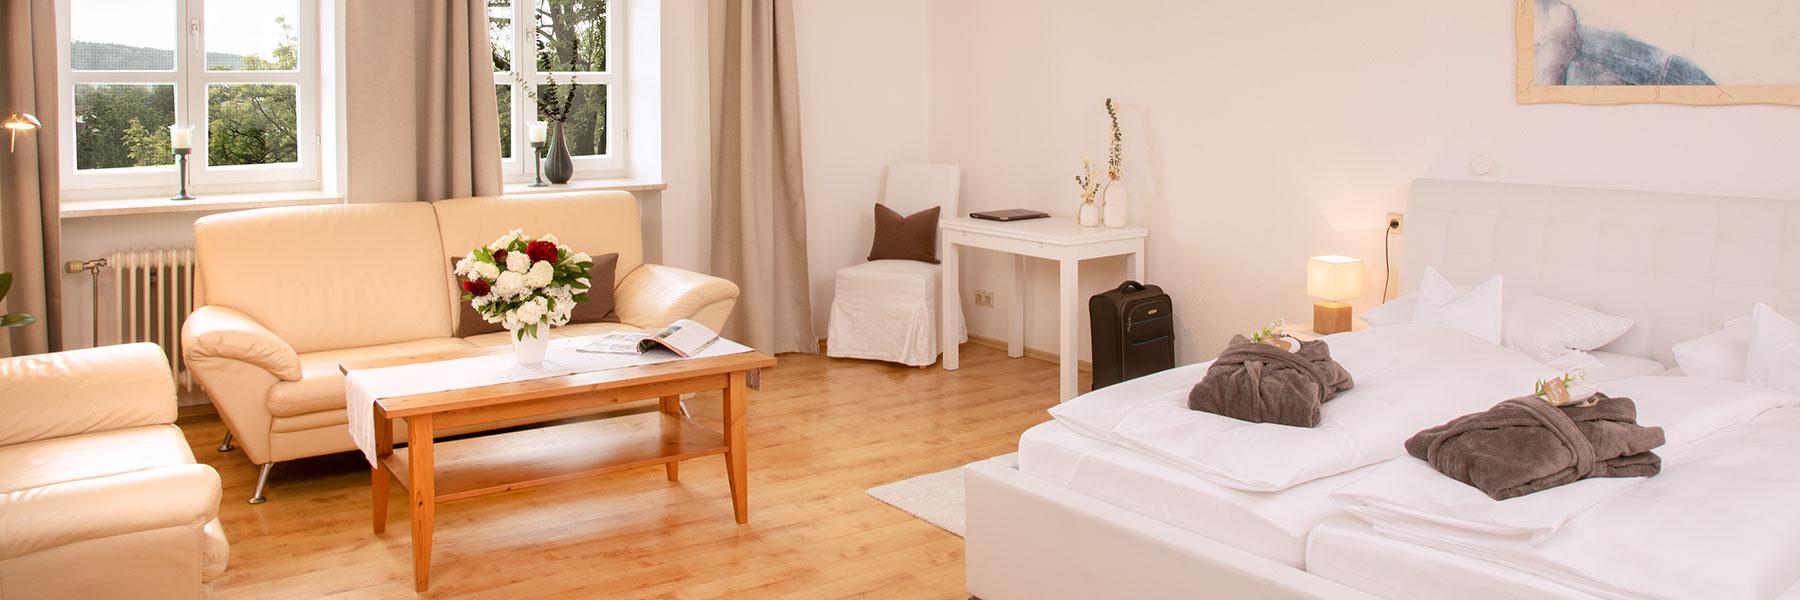 Großzügige Ferienwohnung im Hotel Alter Weißbräu in Bad Birnbach